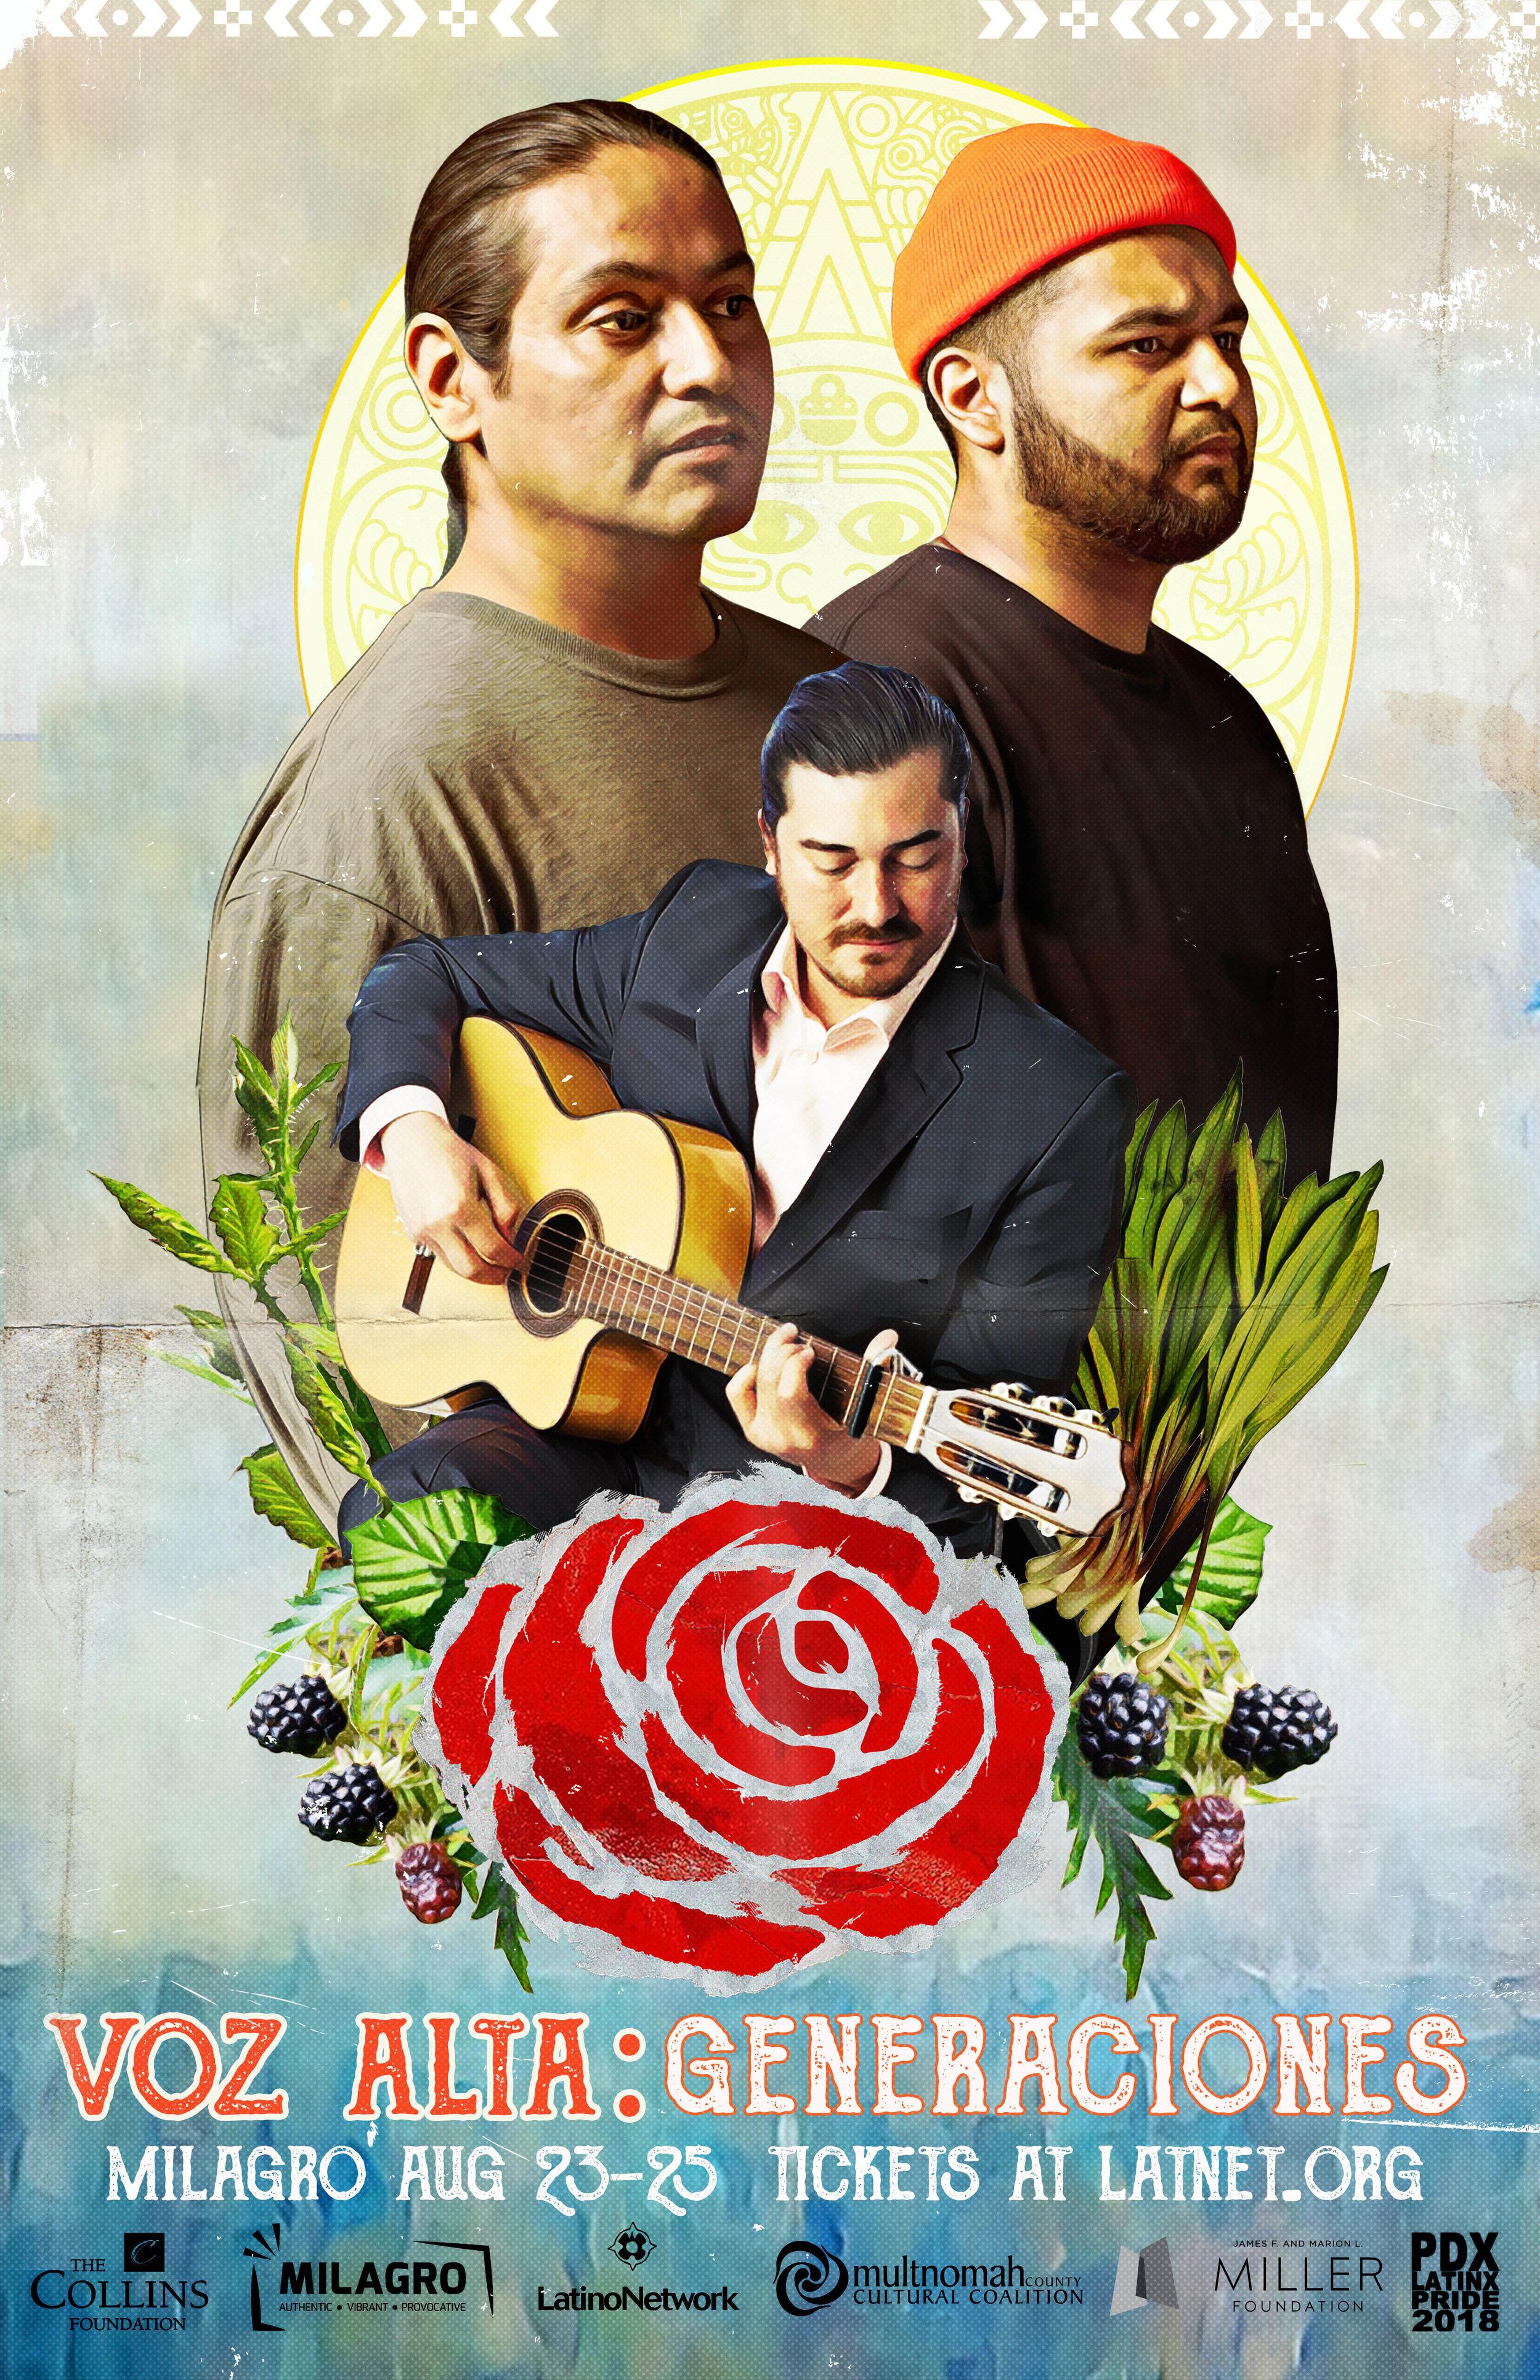 Voz Alta Poster 2018_no credits.jpg